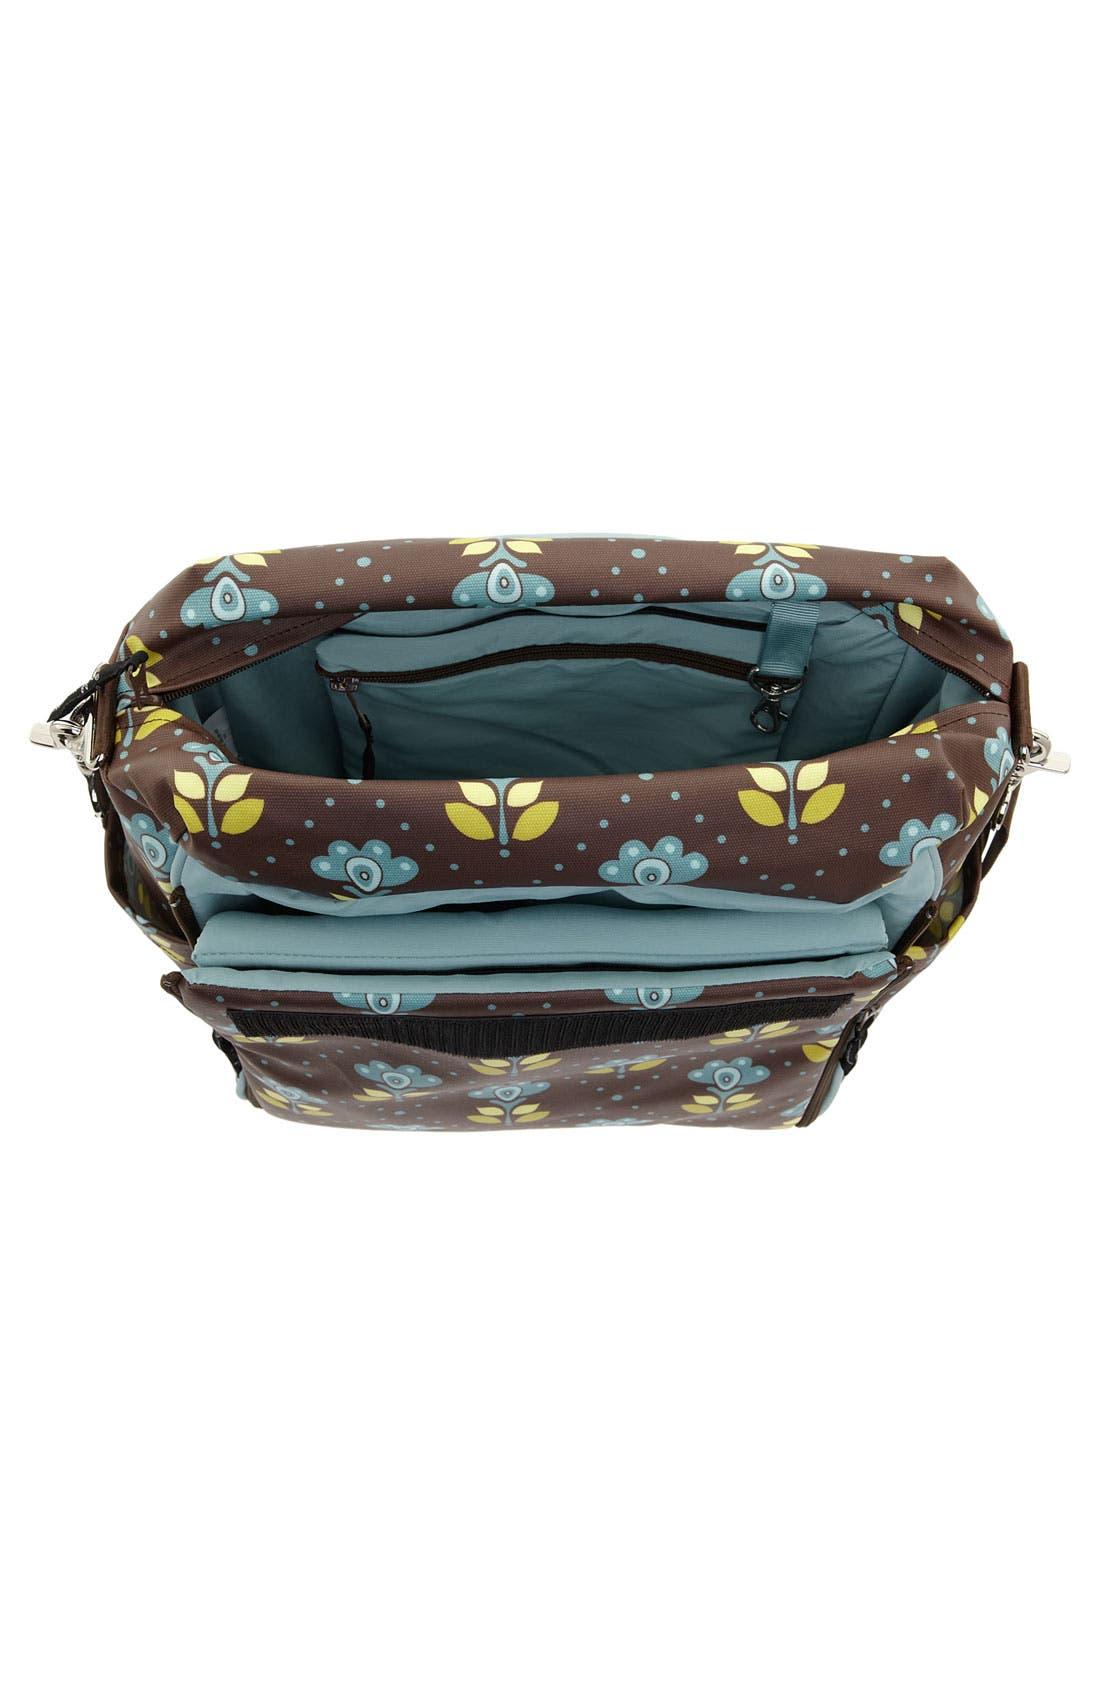 Alternate Image 3  - Petunia Pickle Bottom 'Brocade' Diaper Bag